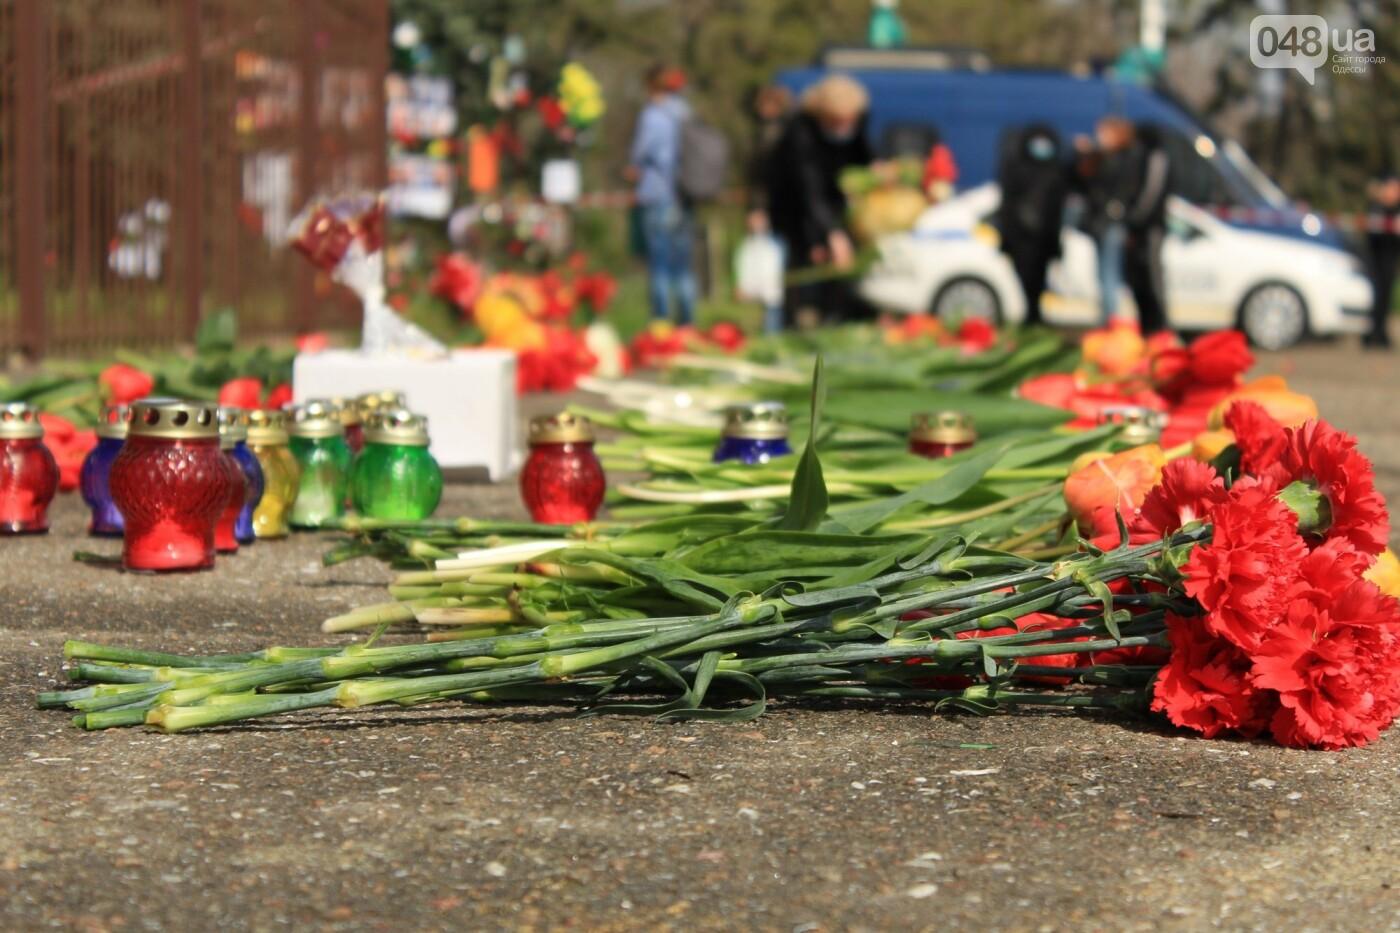 В Одессе к Дому профсоюзов несут цветы под присмотром полиции и медиков, - ФОТО, ВИДЕО , фото-21